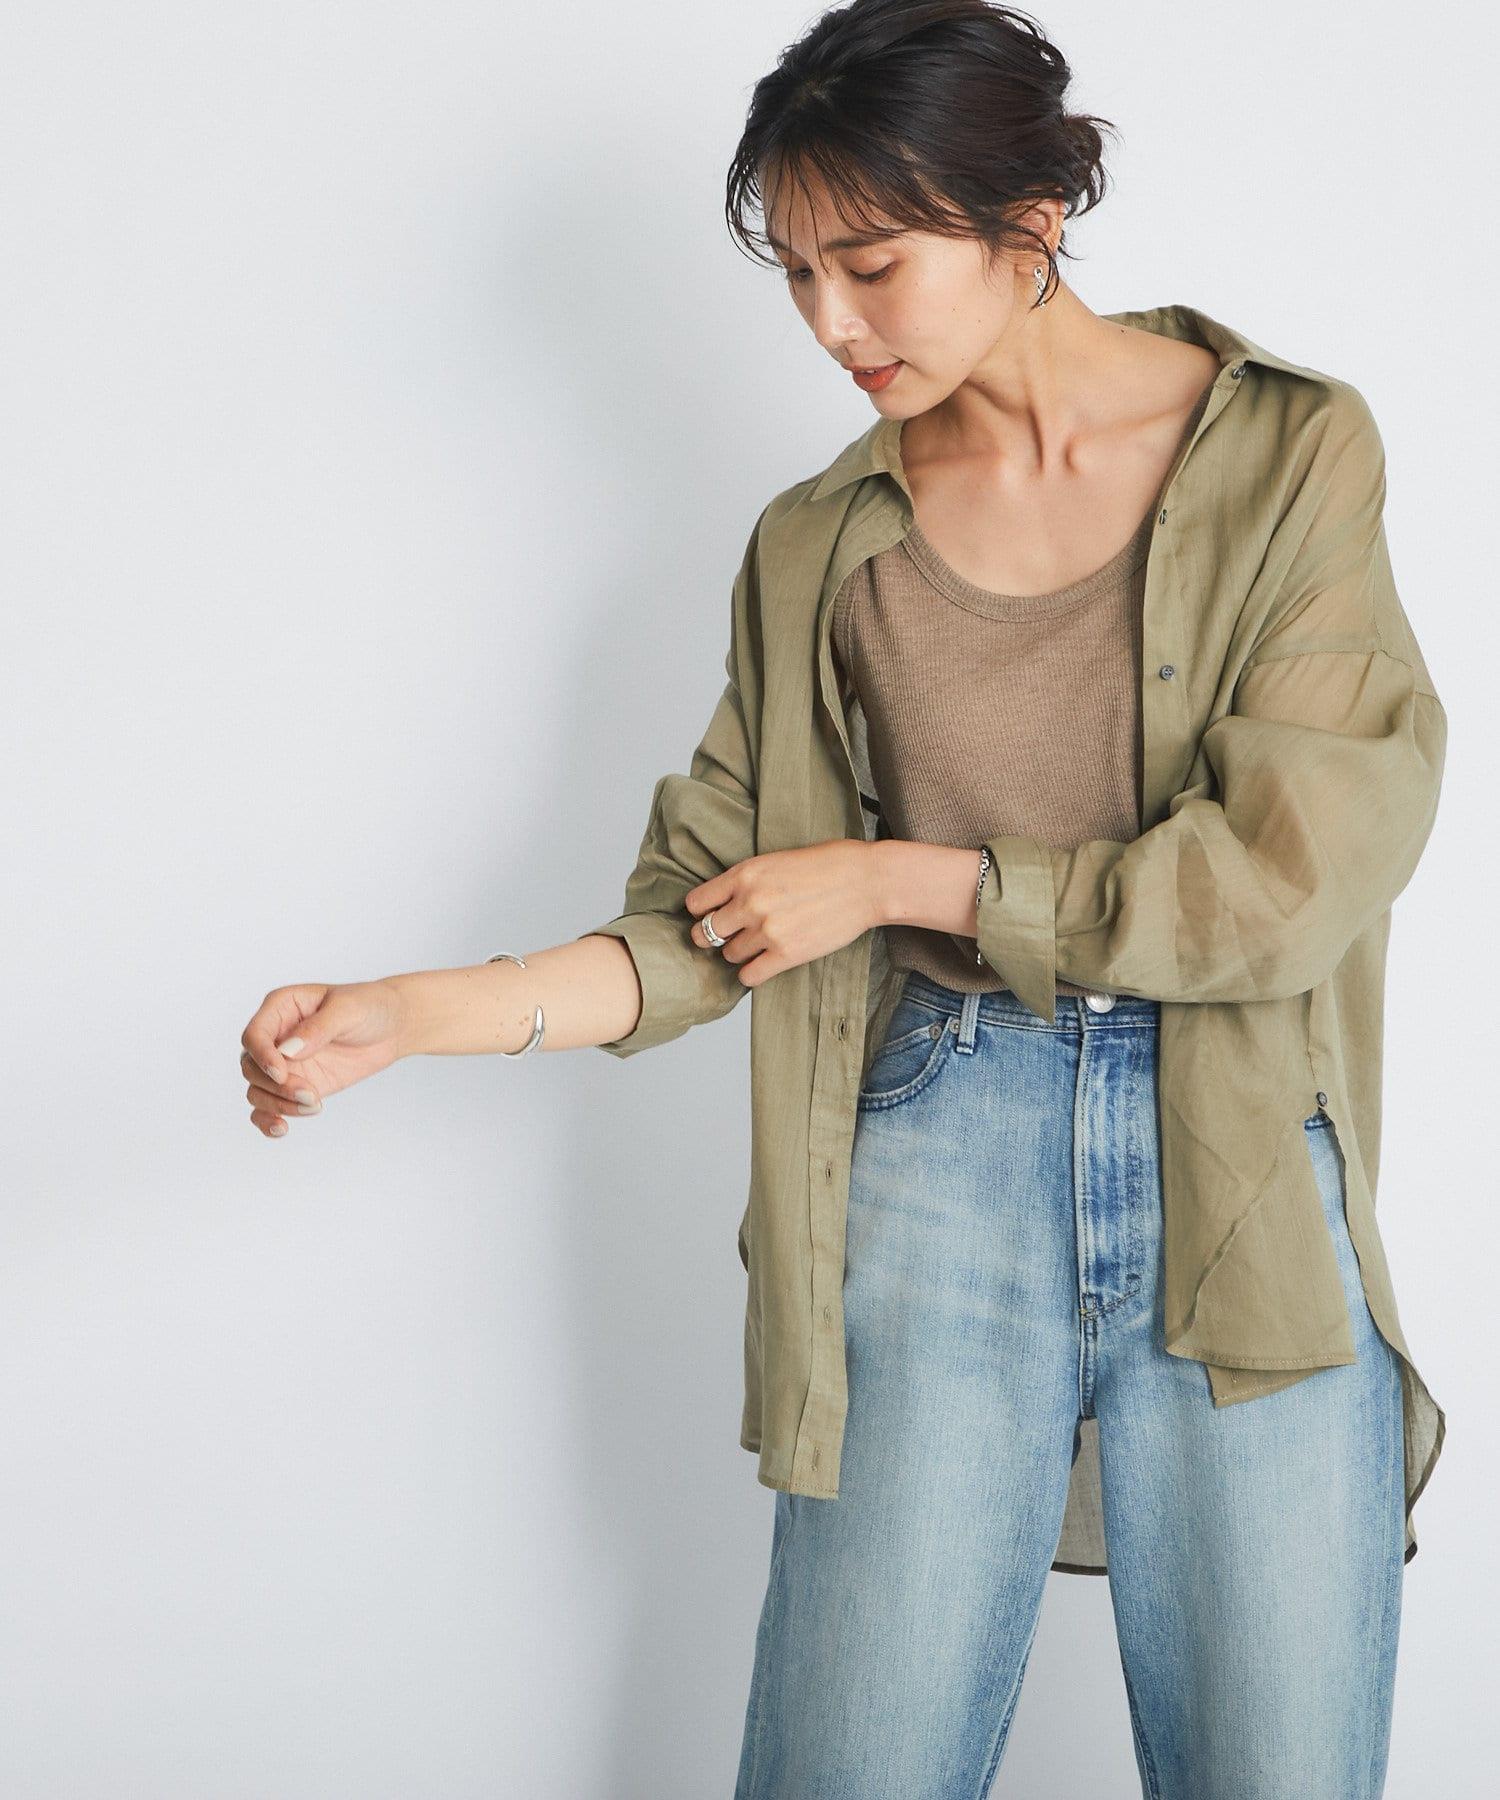 RIVE DROITE(リヴドロワ) 【涼しく使える大人のこなれシャツ】綿麻シャツ